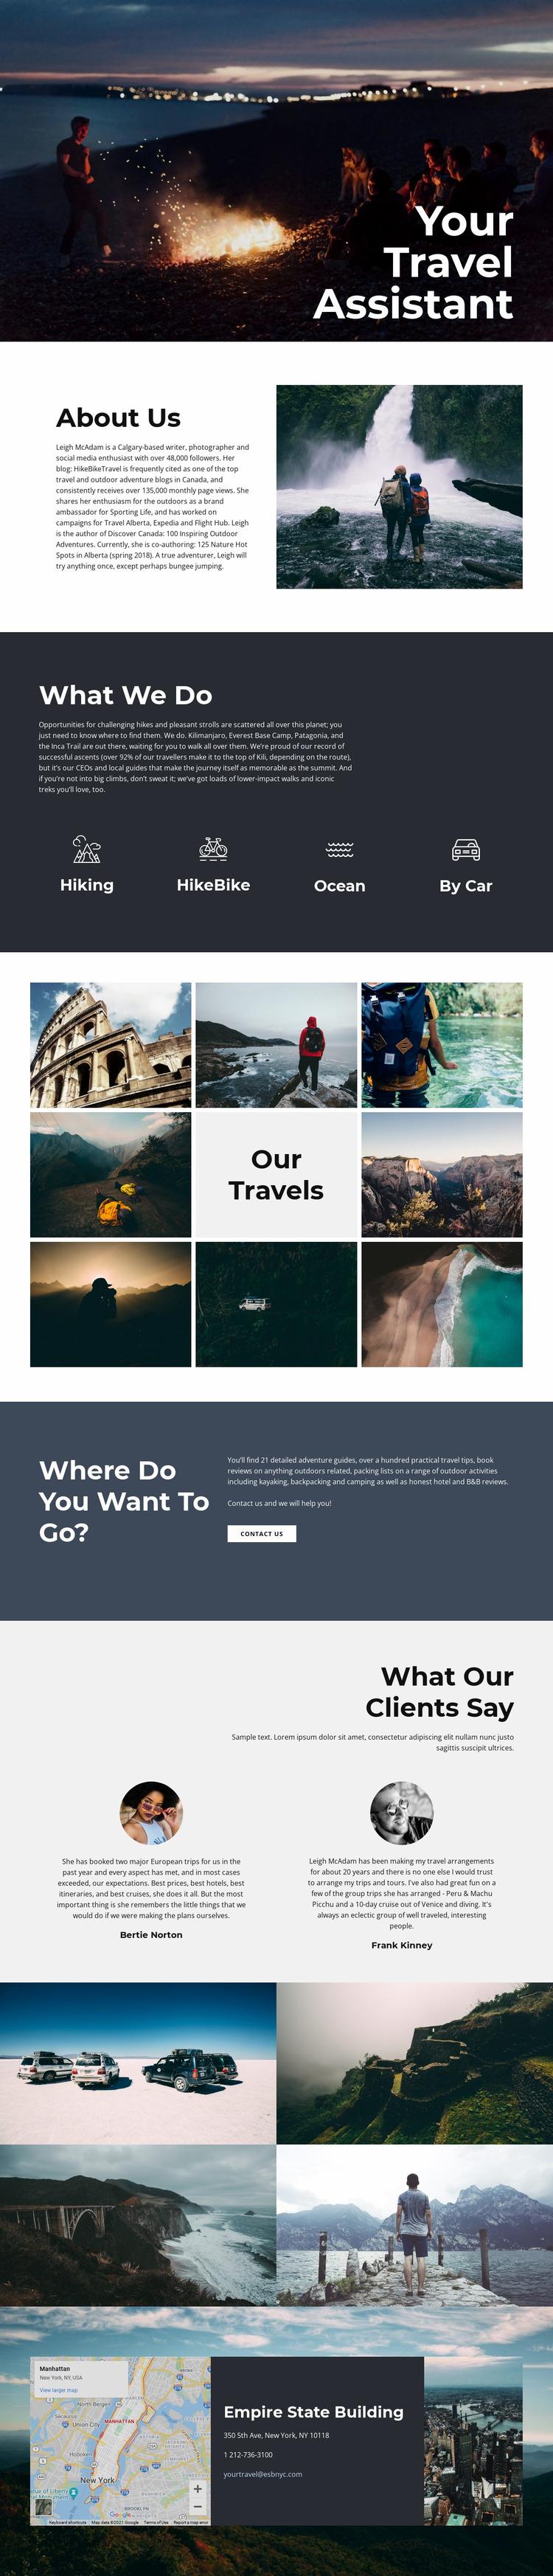 Travel Assistant Website Mockup